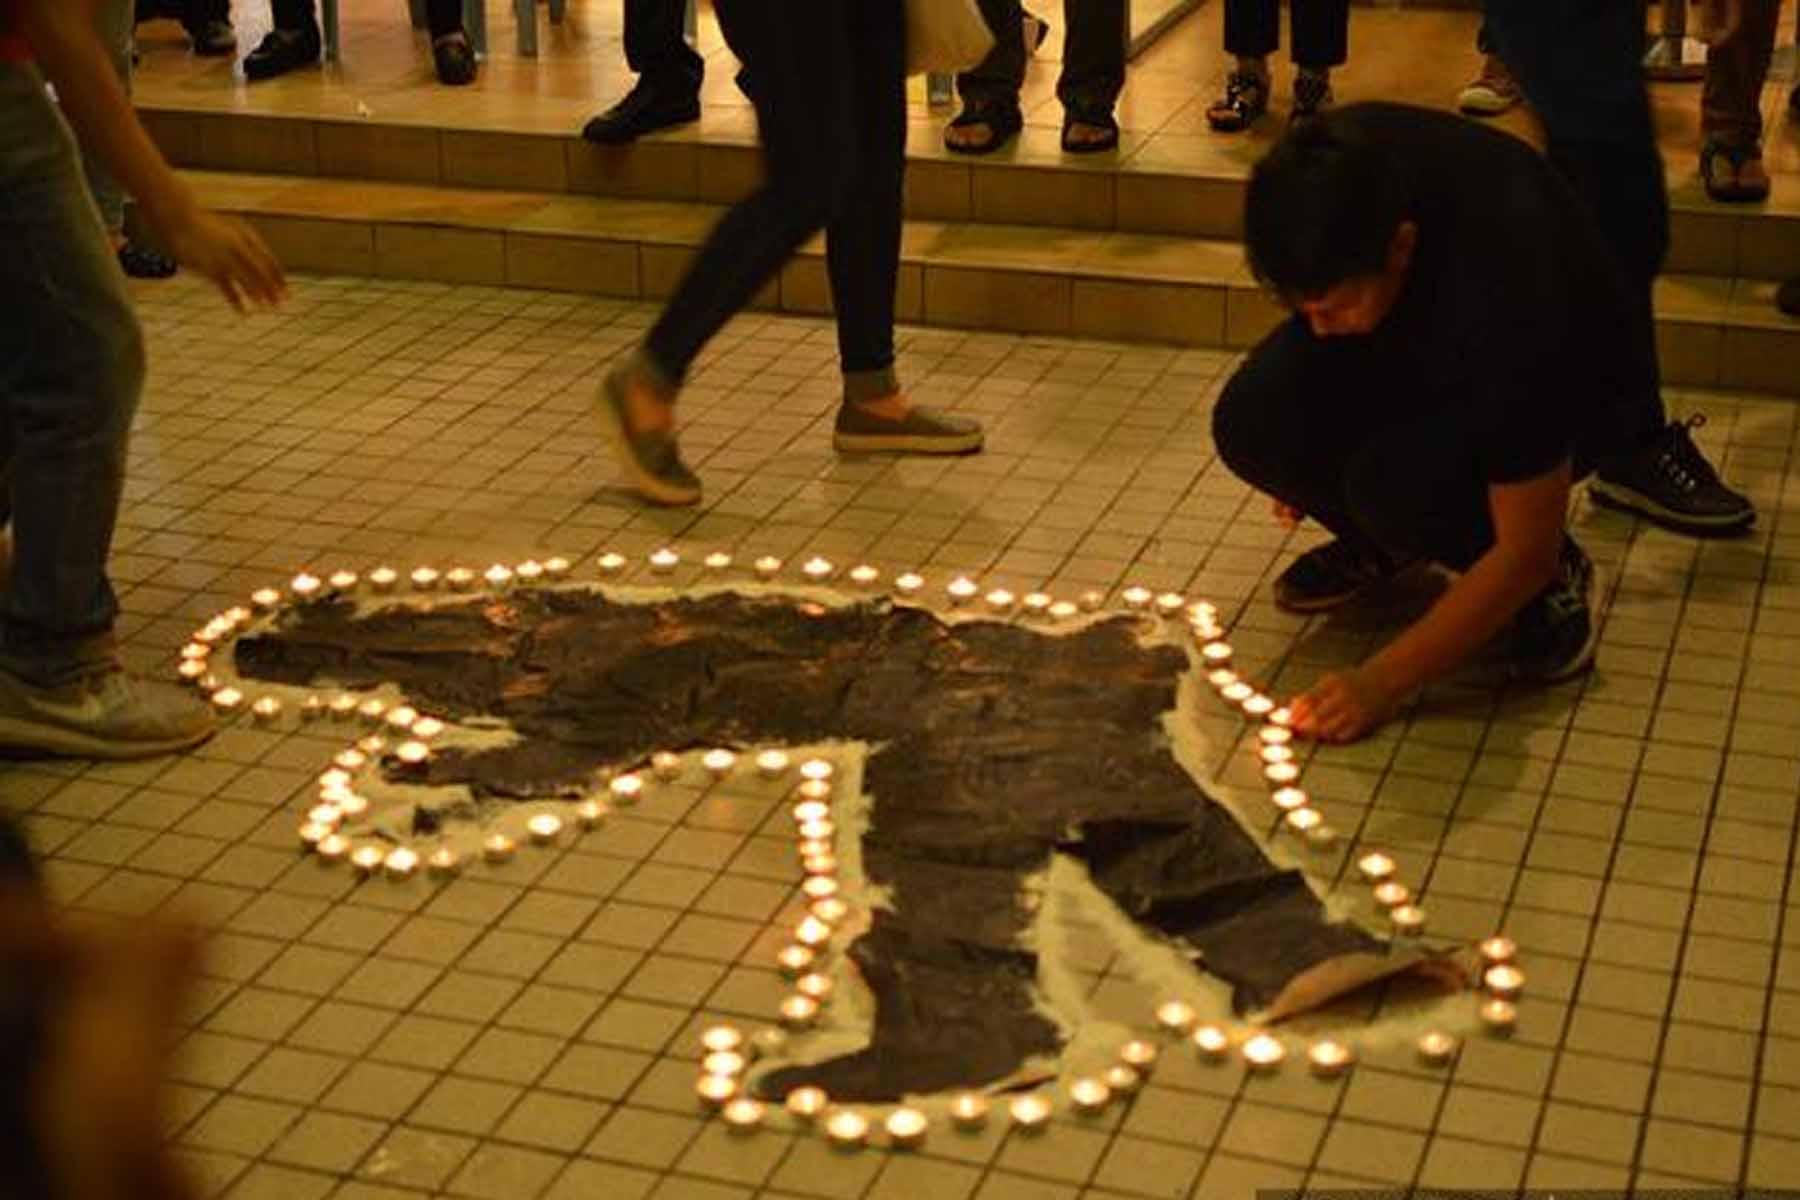 Polis buka semula kertas siasatan kematian Teoh Beng Hock